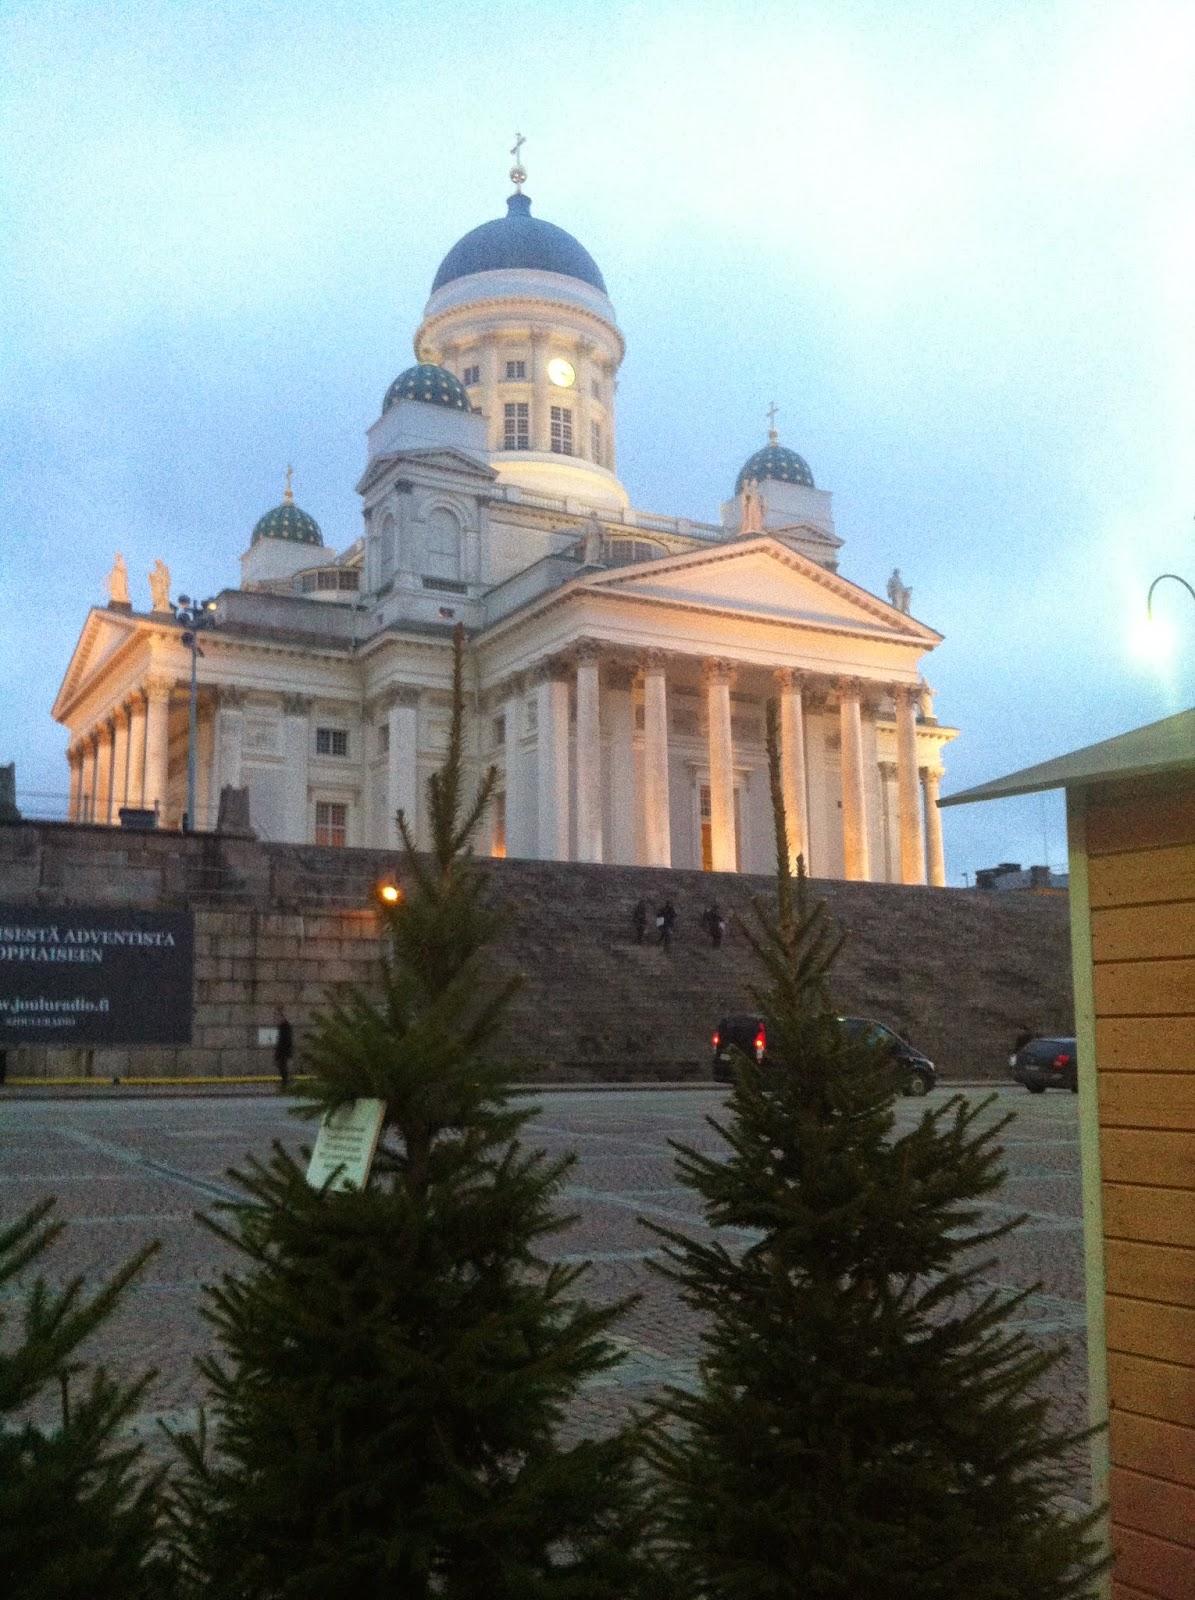 tuomiokirkko, senaatintori, market, christmasmarket, joulukuusi, christmasthree